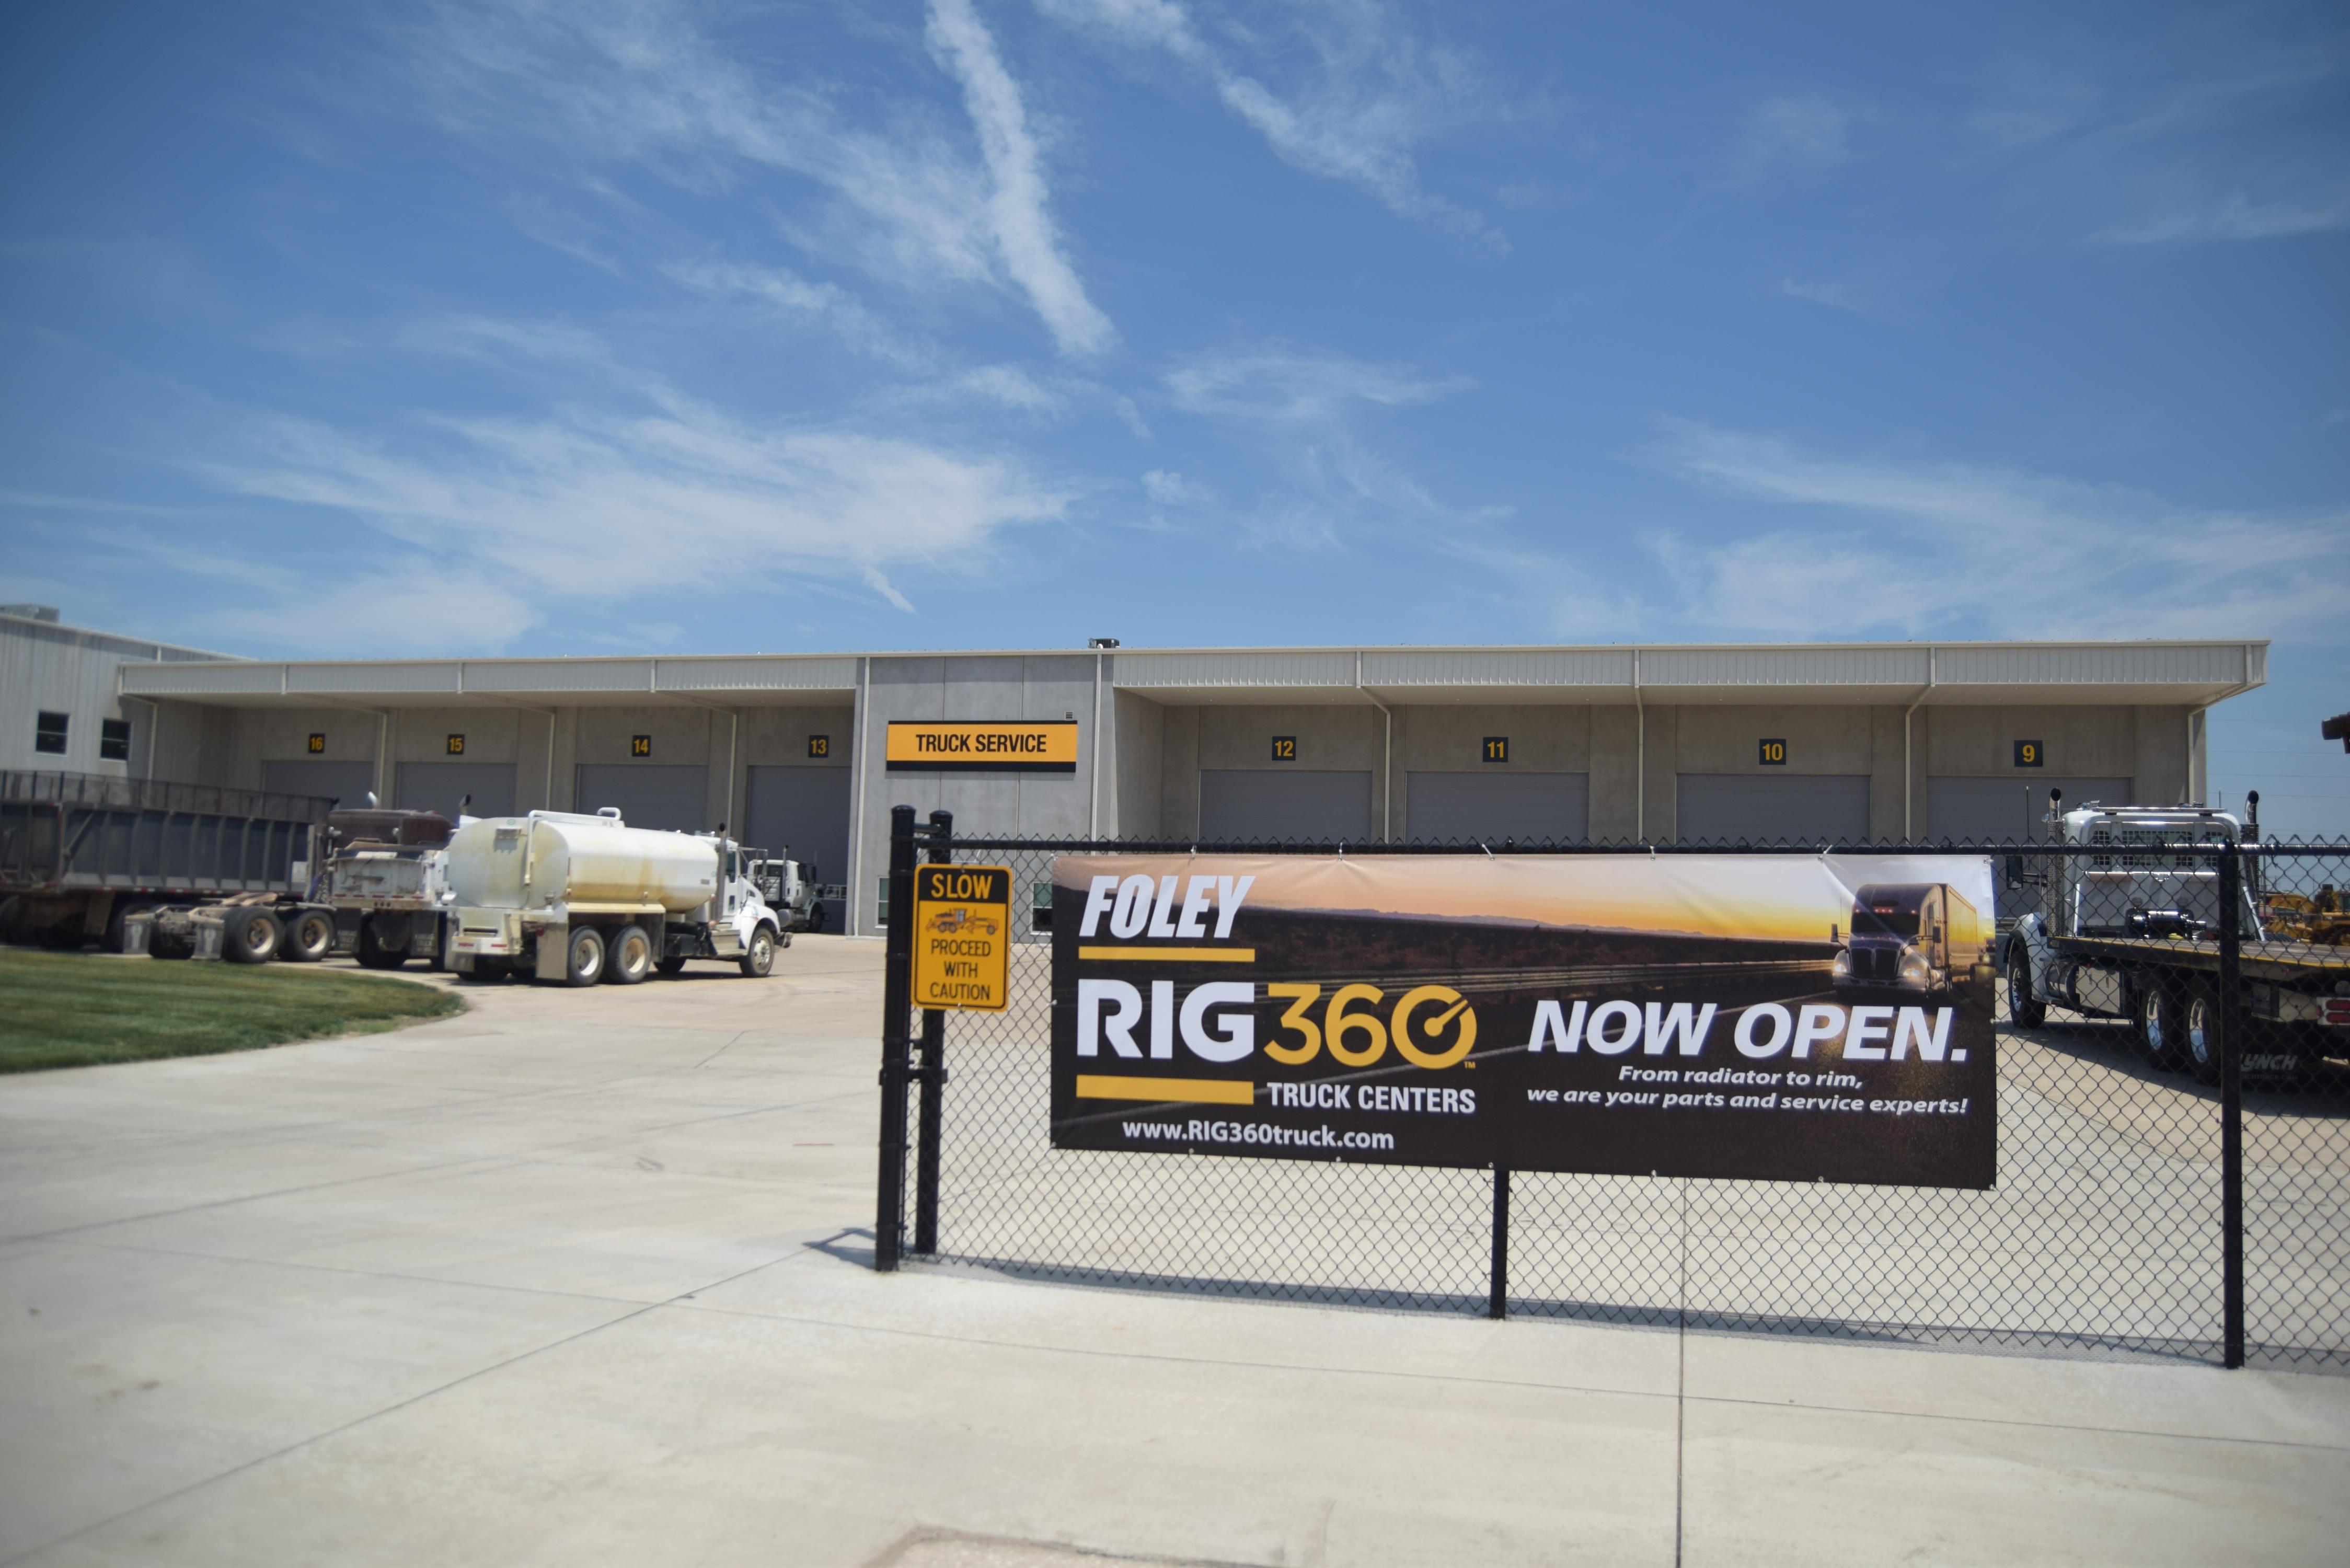 Foley Equipment的RIG360卡车中心